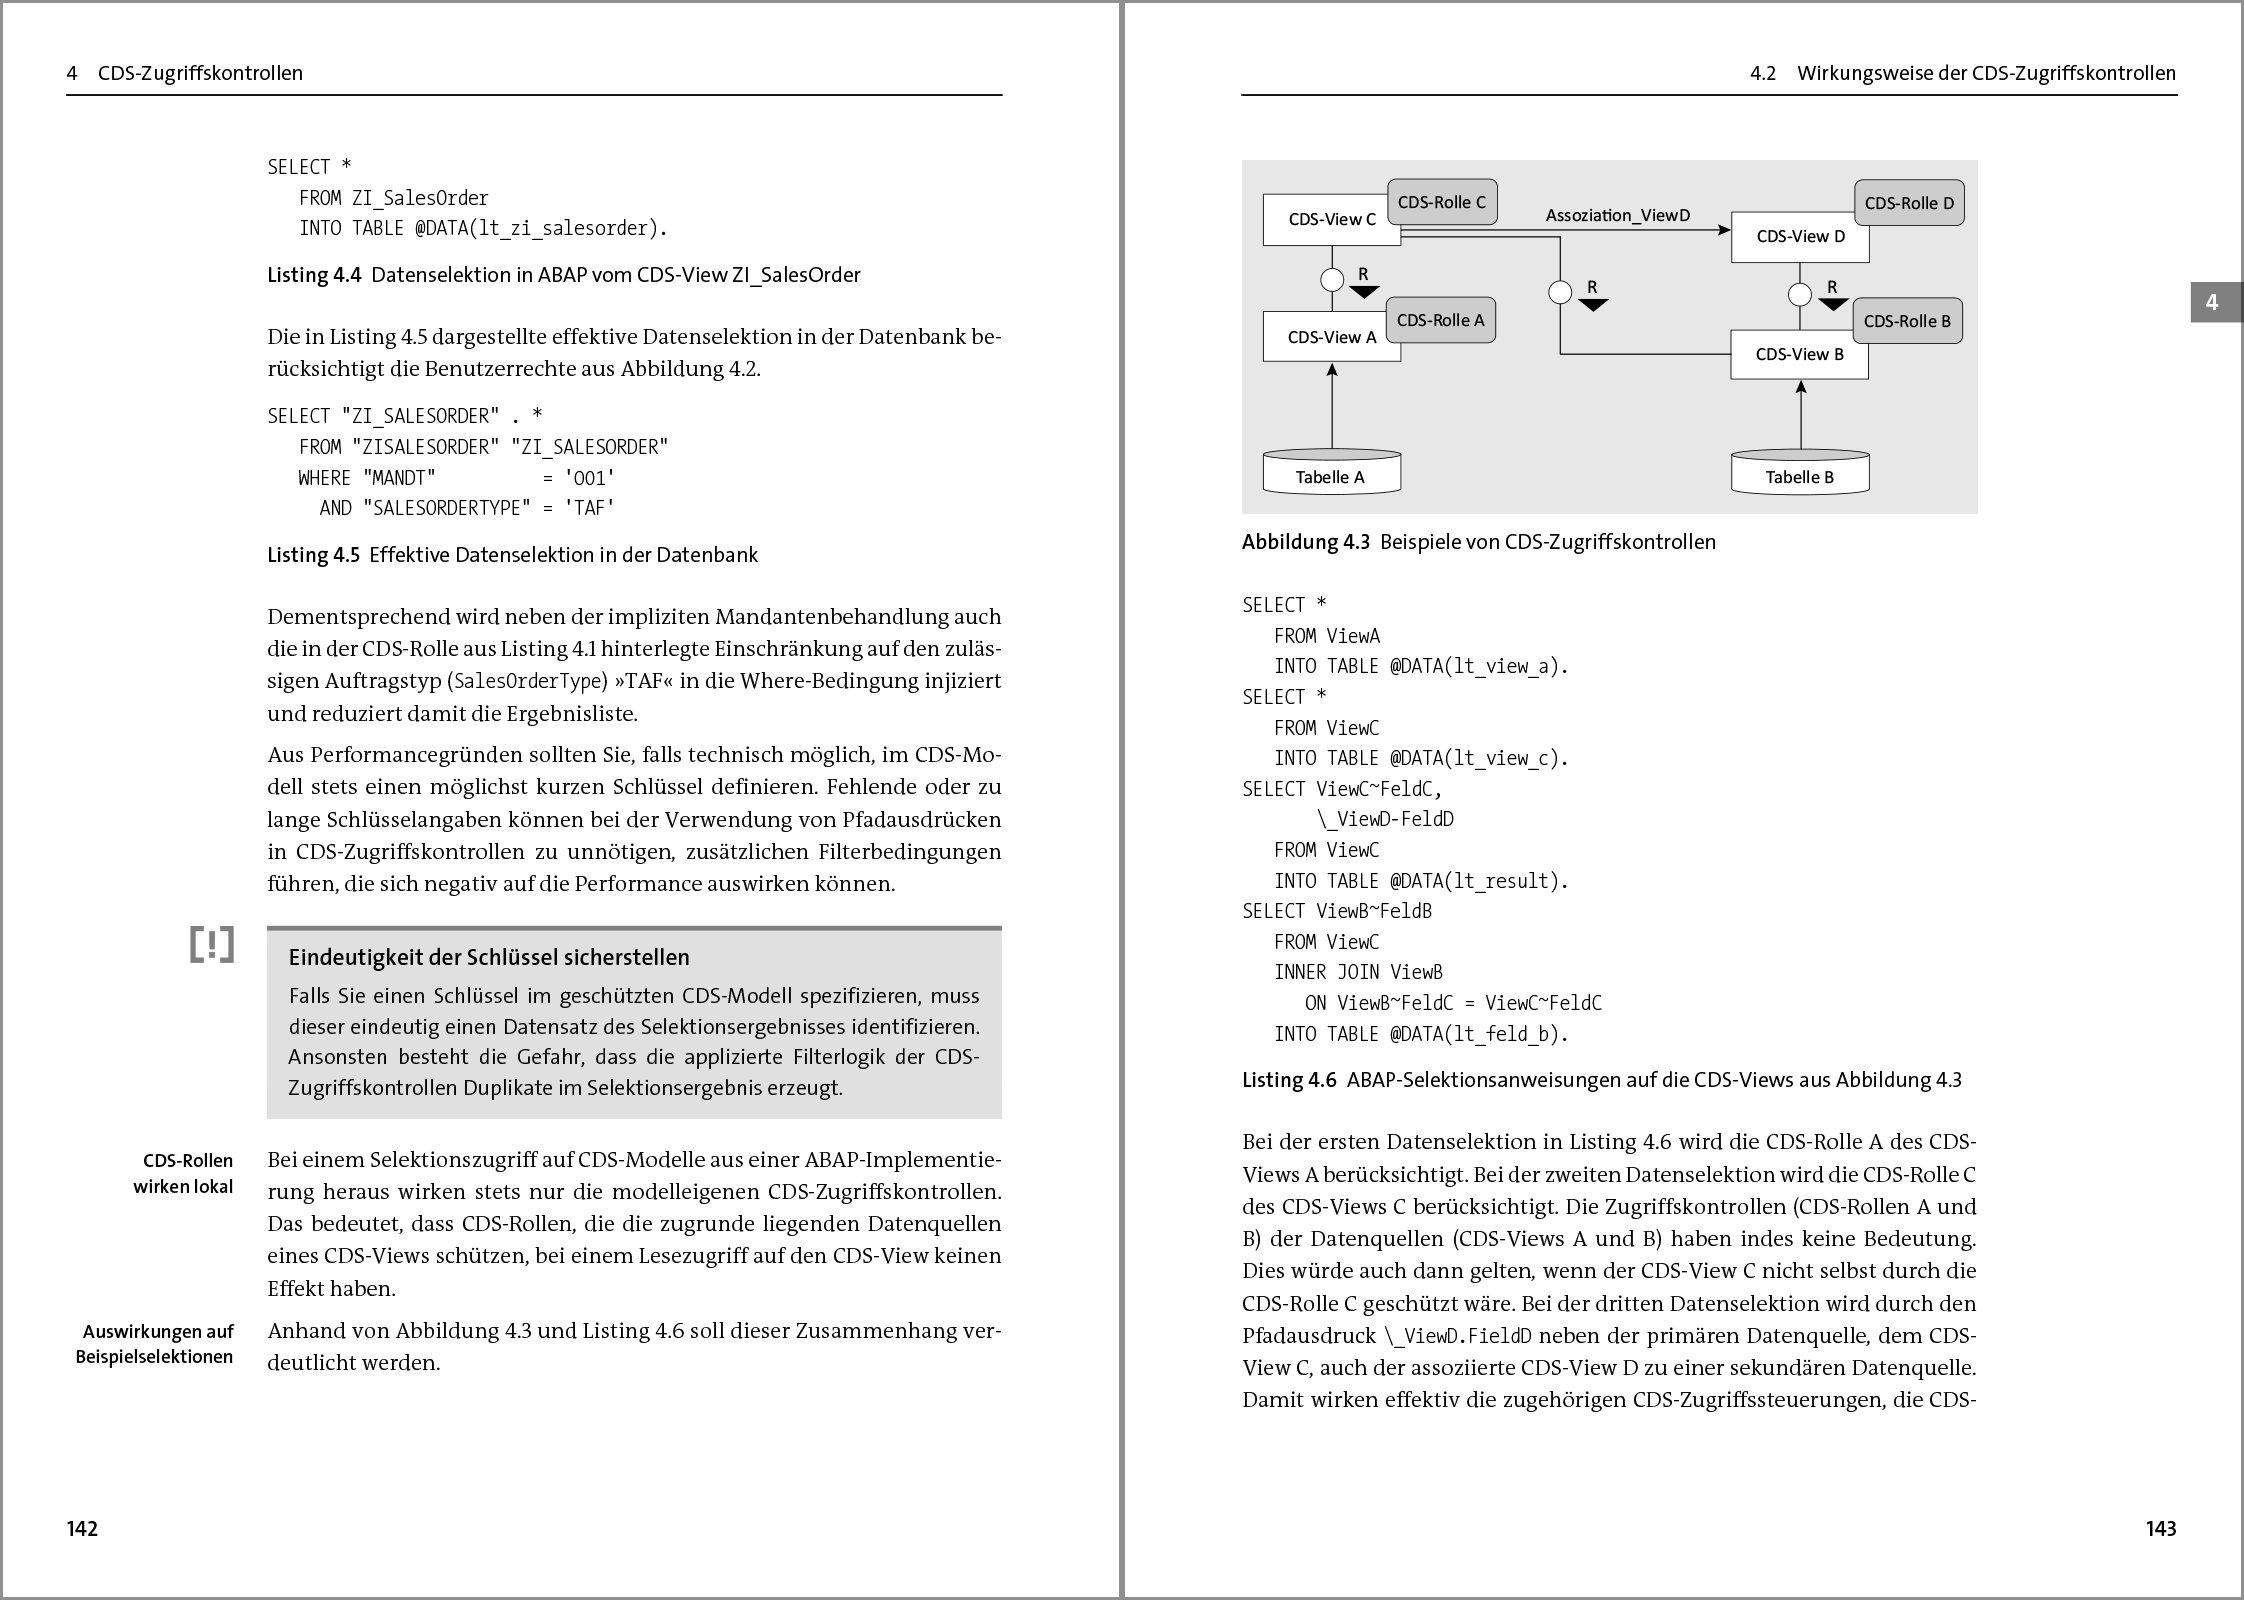 Core Data Services für ABAP: CDS-Views und Datenmodelle für